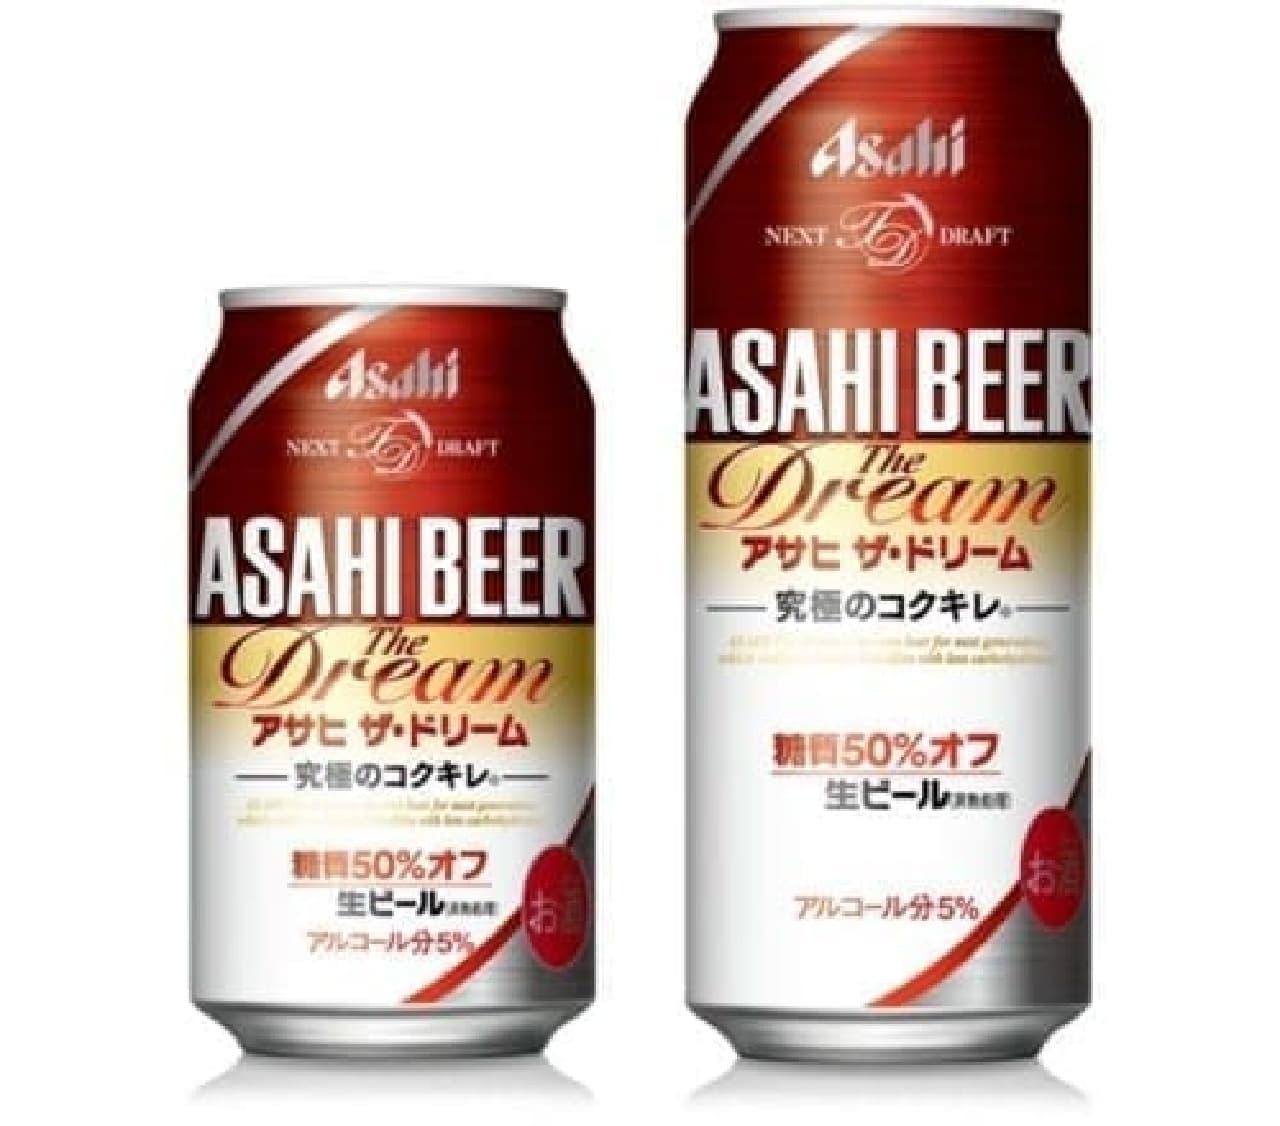 糖質50%オフの新ビールが登場